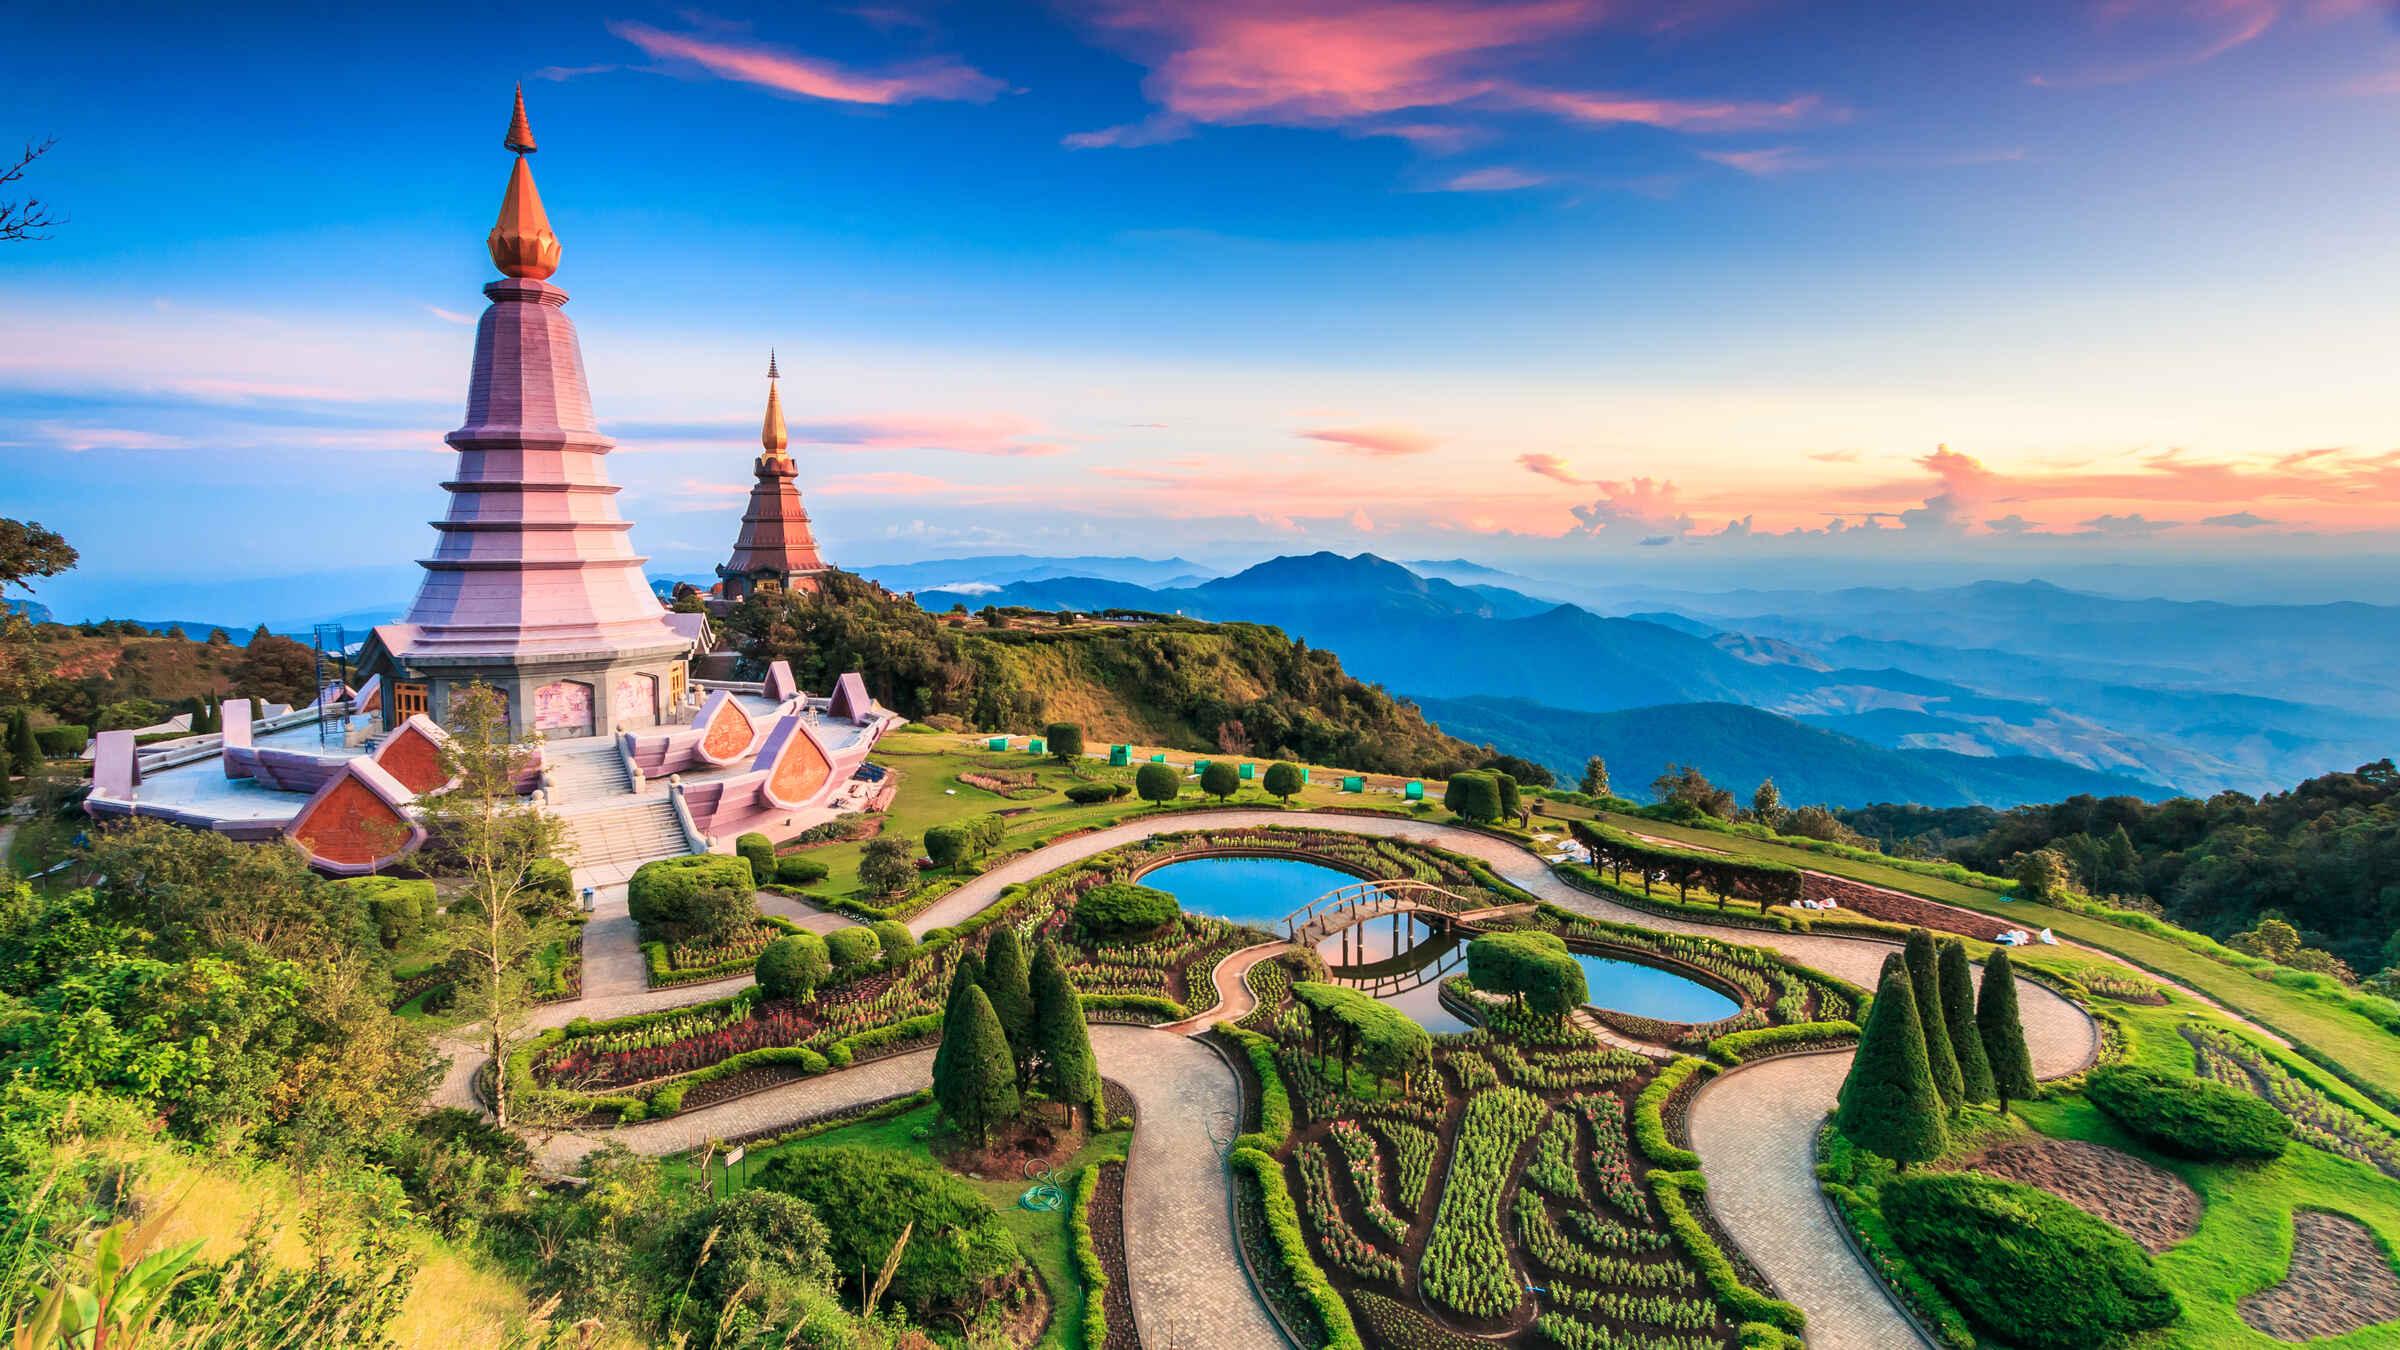 تایلند - سفر به تایلند - گردشگری تایلند